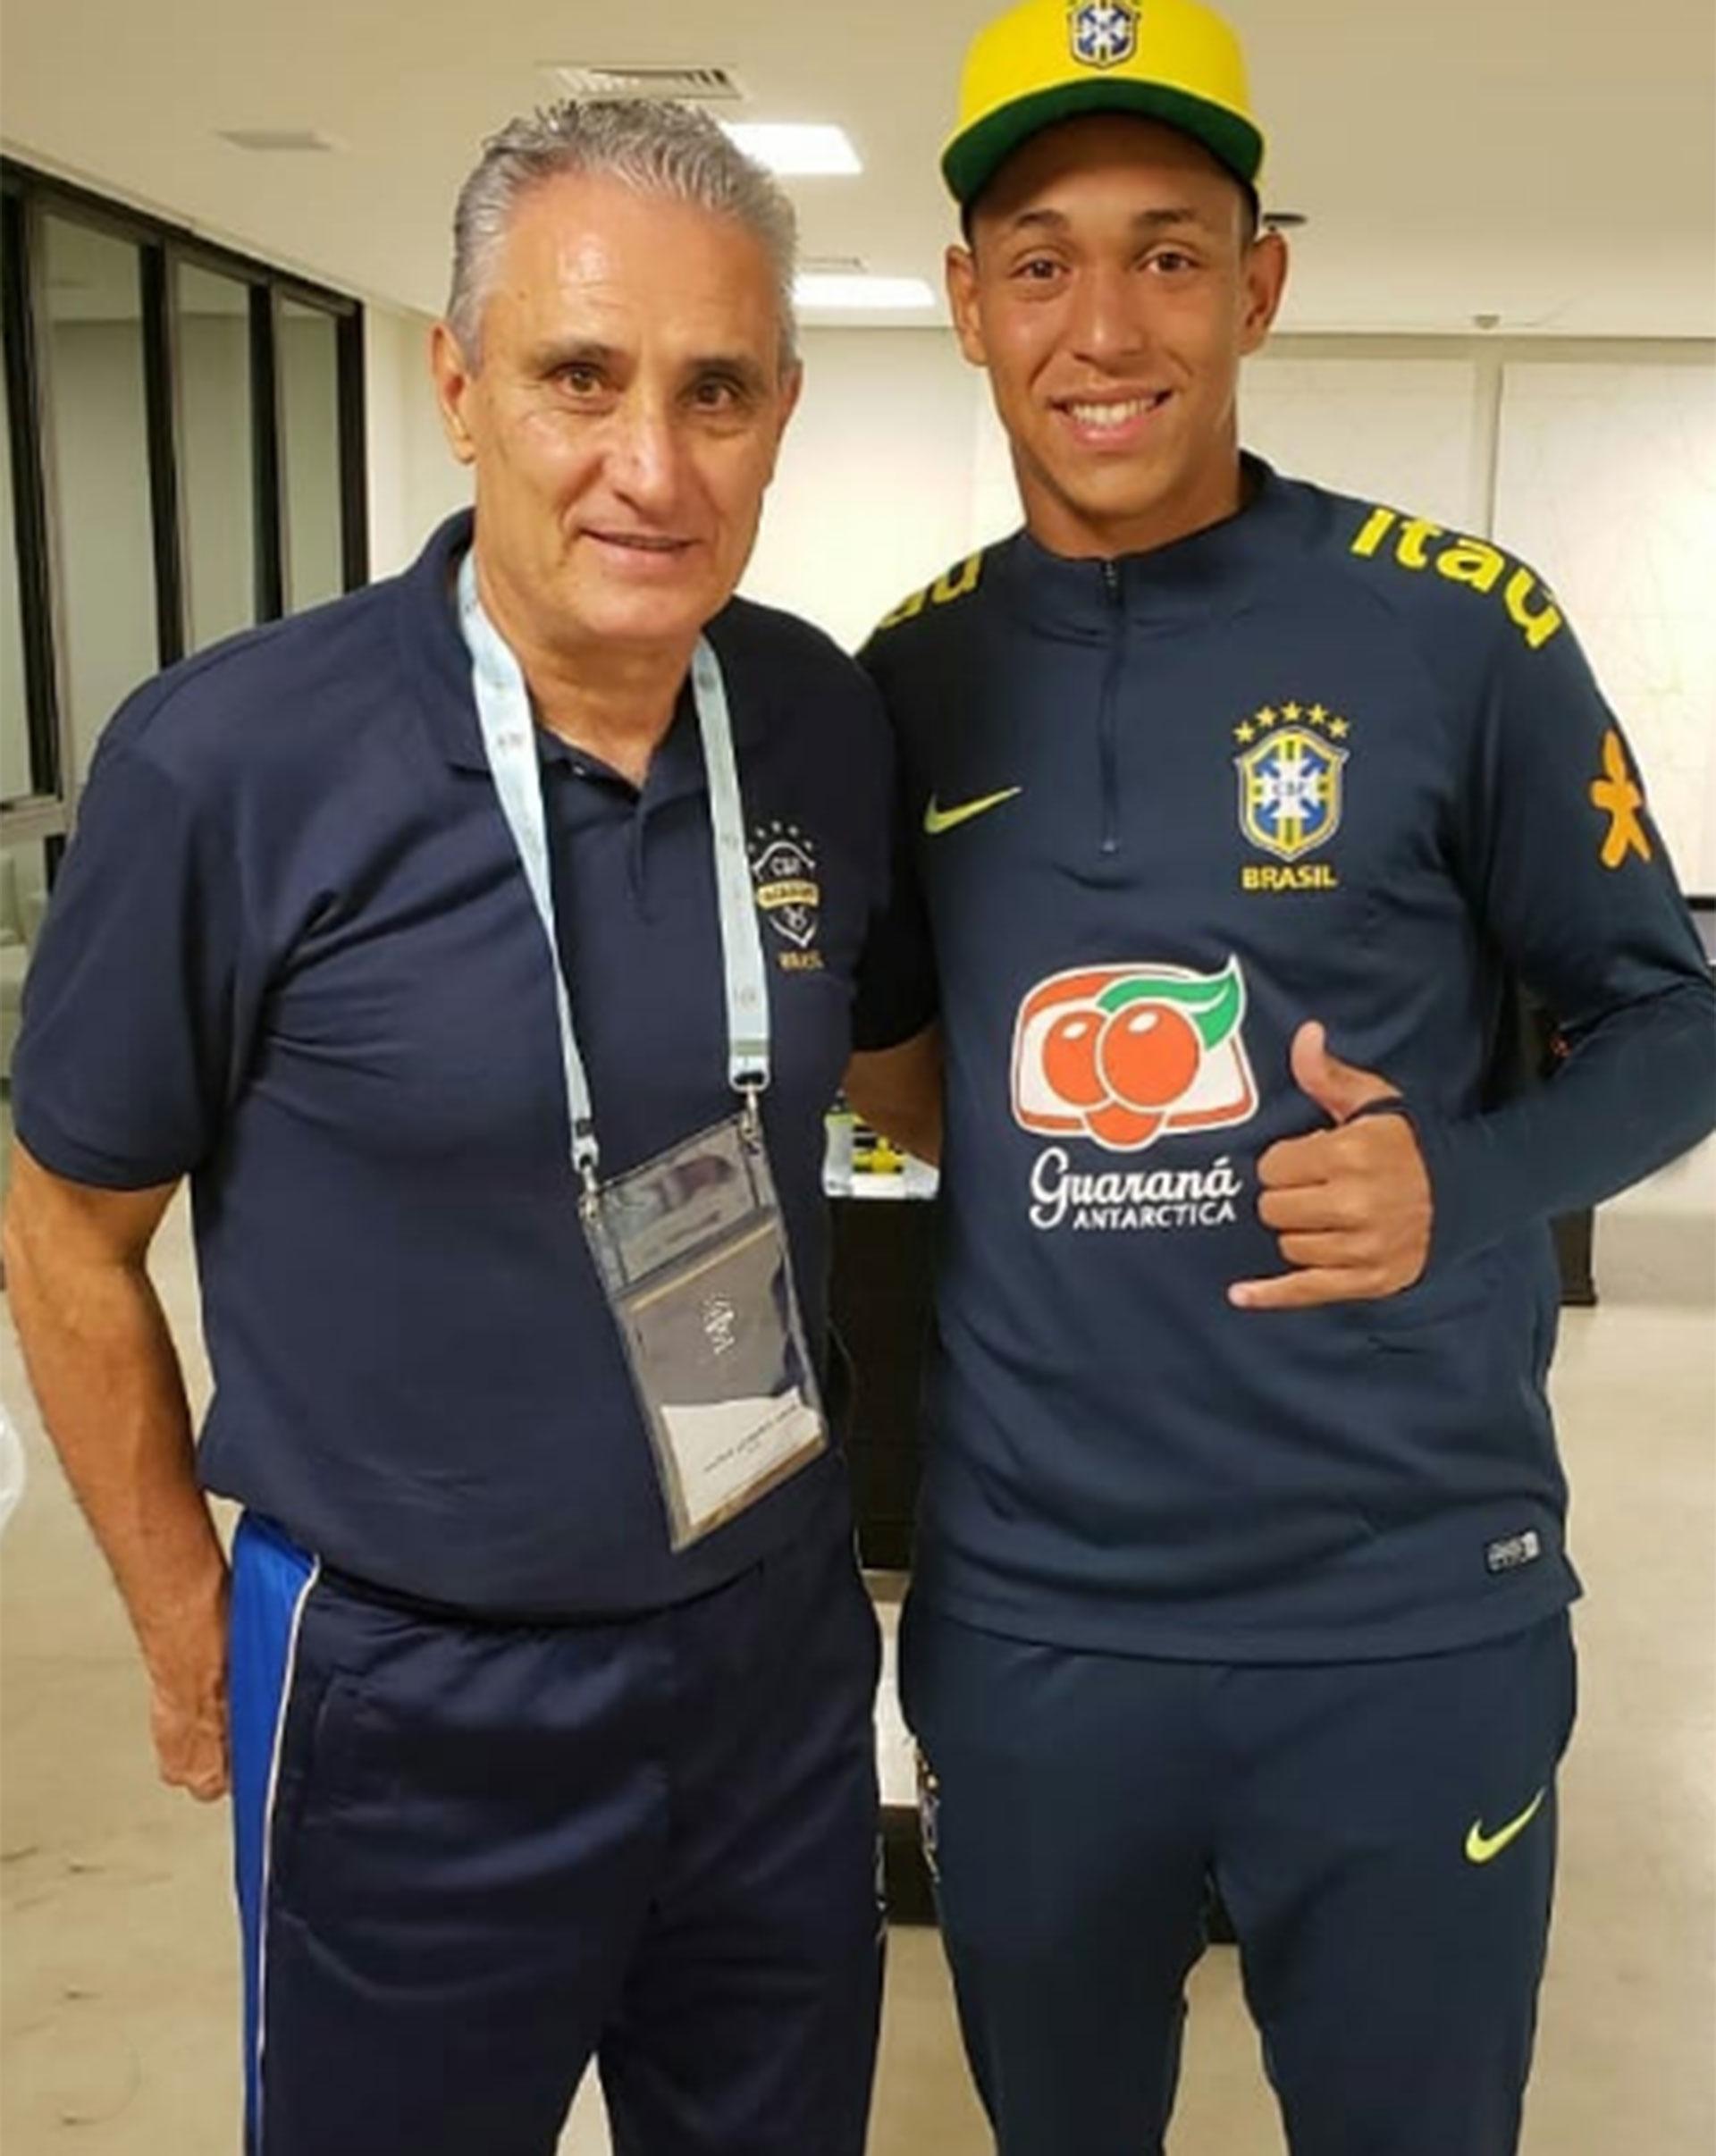 Christian Esmério junto a Tite, entrenador de la selección brasileña